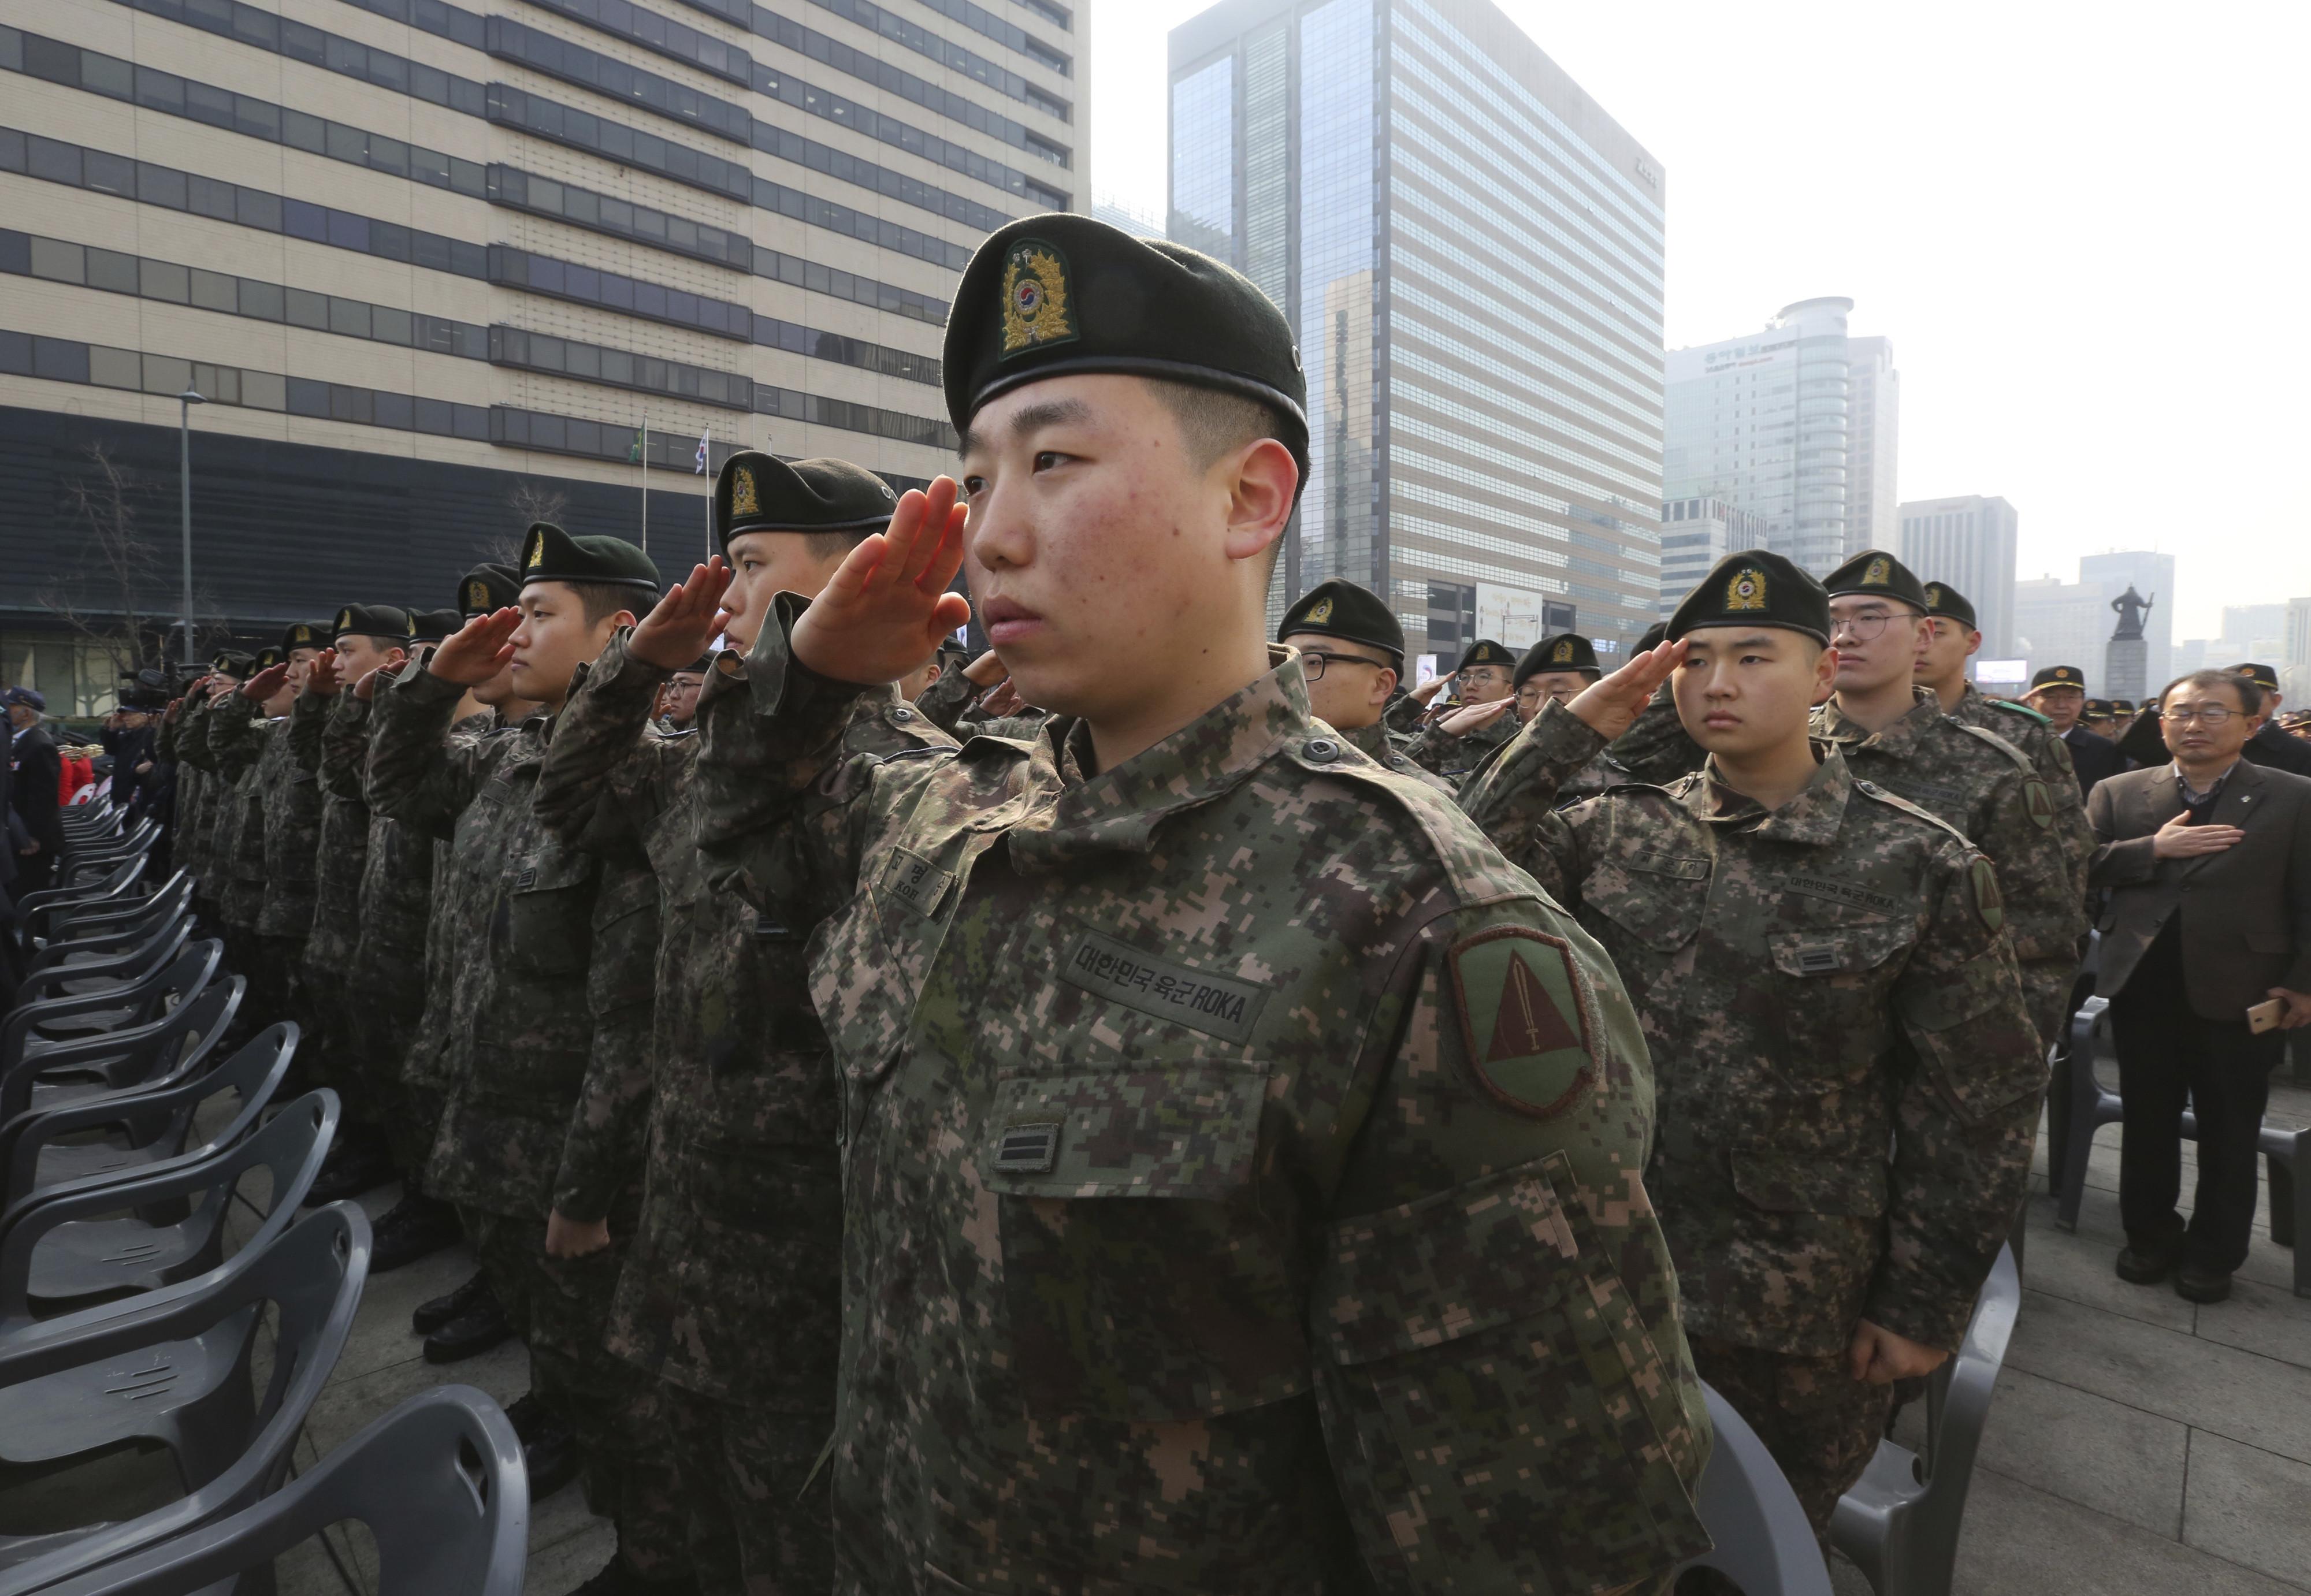 ▲▼南韓海軍入伍健檢項目,竟將掉髮與刺青同歸為不及格項目。(圖/達志影像/美聯社)